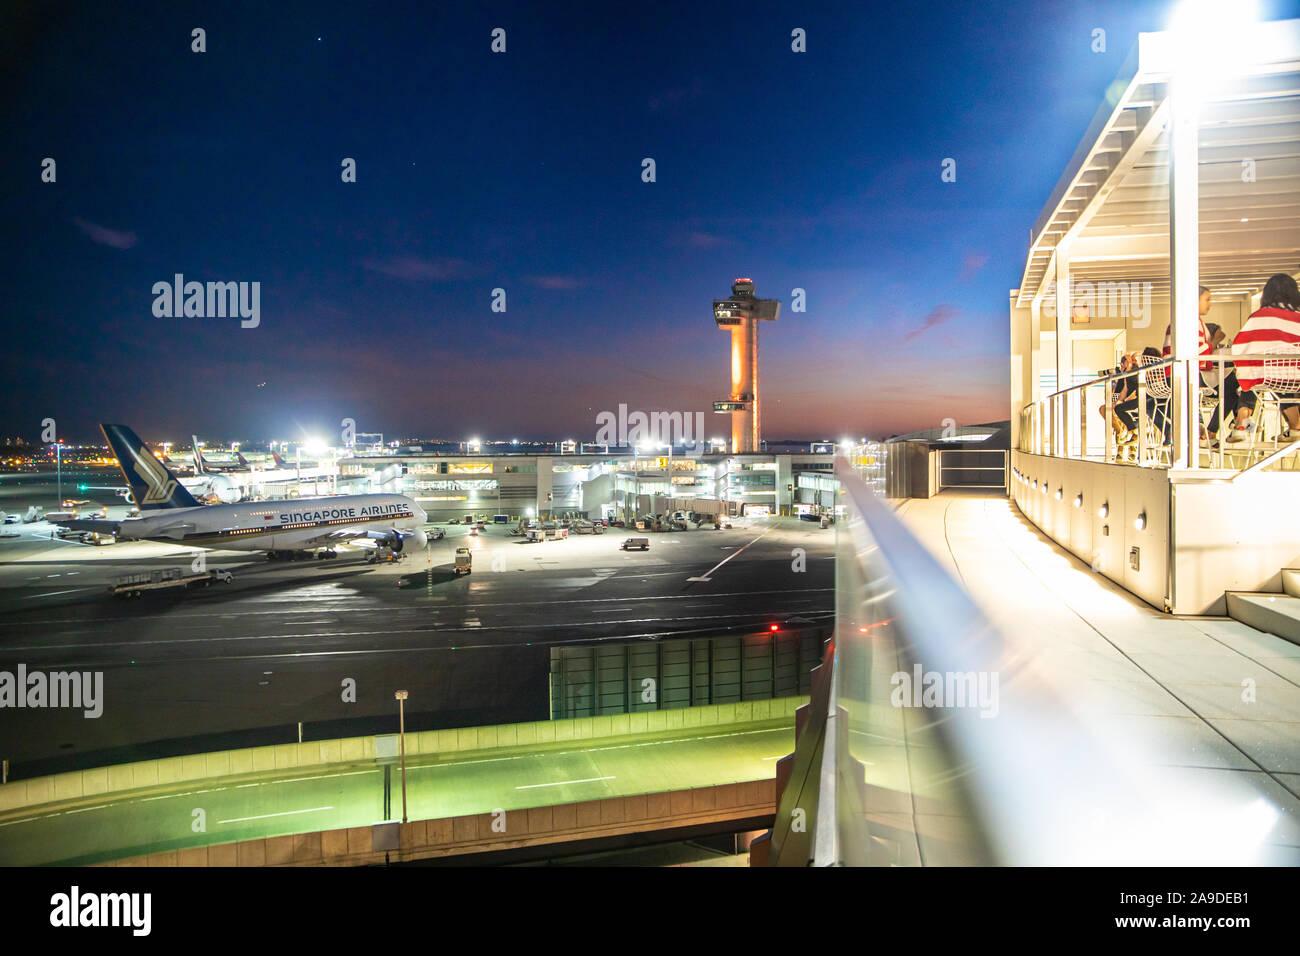 La CIUDAD DE NUEVA YORK - Septiembre 20, 2019: Vista del histórico Hotel TWA y la pista de aterrizaje con aviones visto desde el aeropuerto John F. Kennedy en Queens, Nueva York en la noche Foto de stock